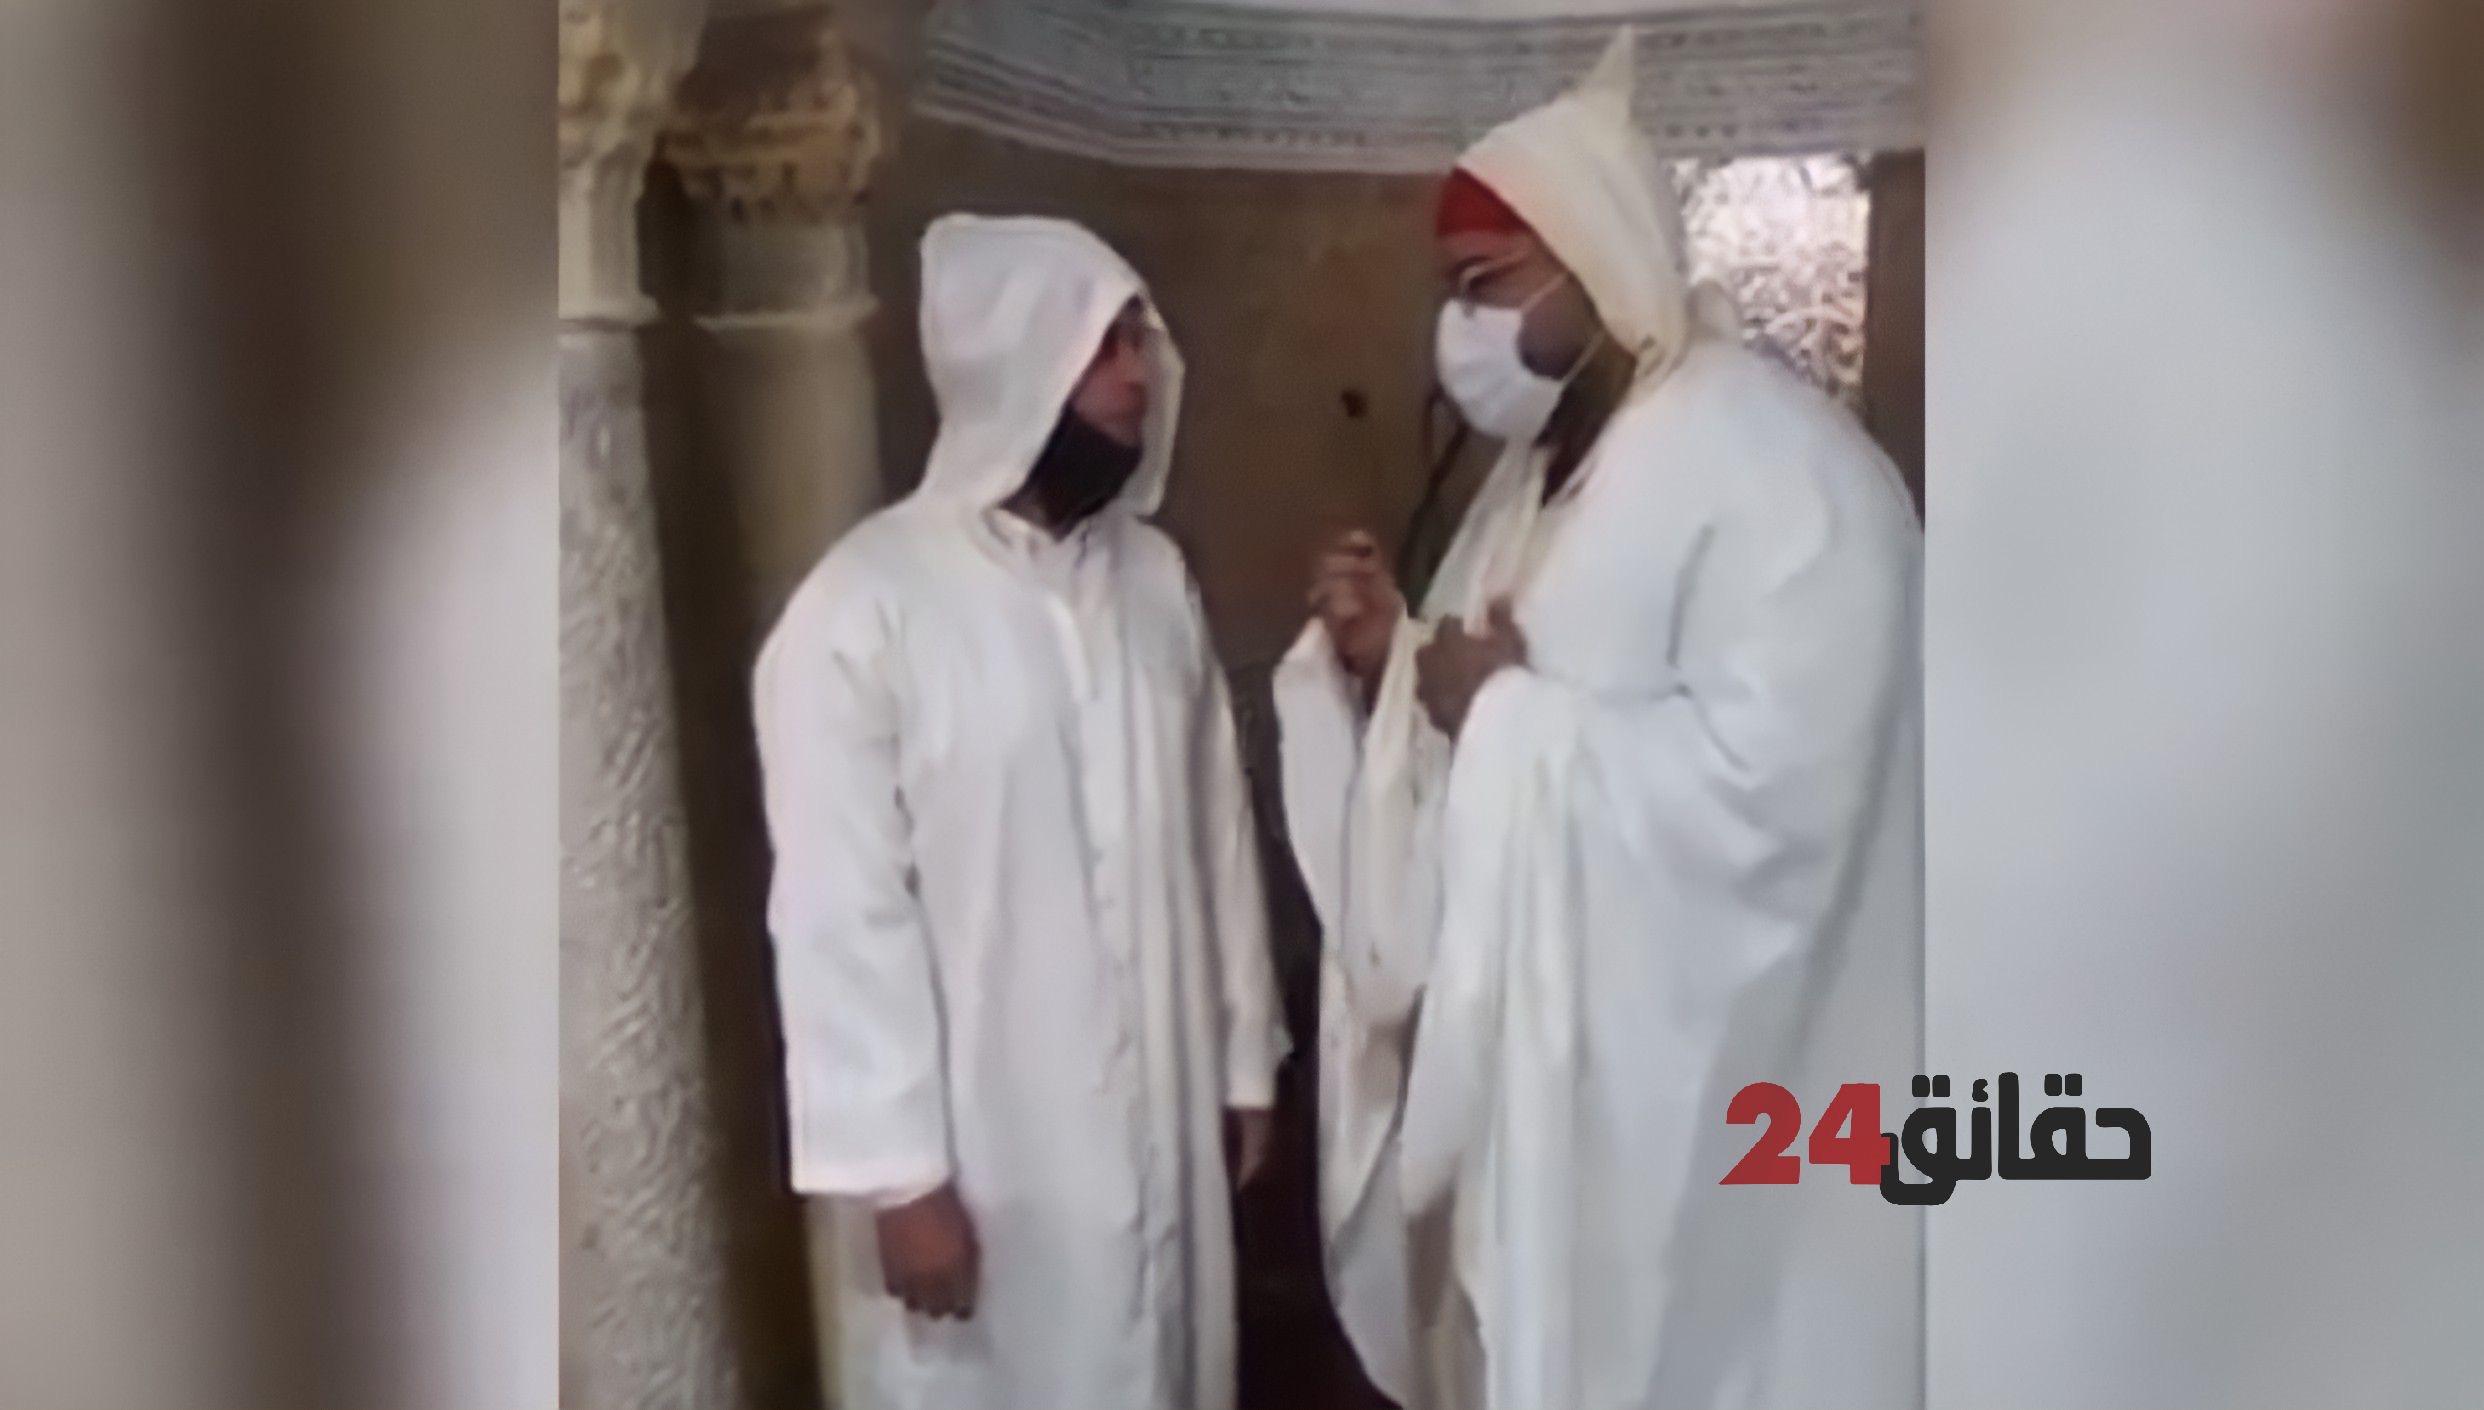 صورة فرنسي يعلن إسلامه بجامع الشرفا بمراكش